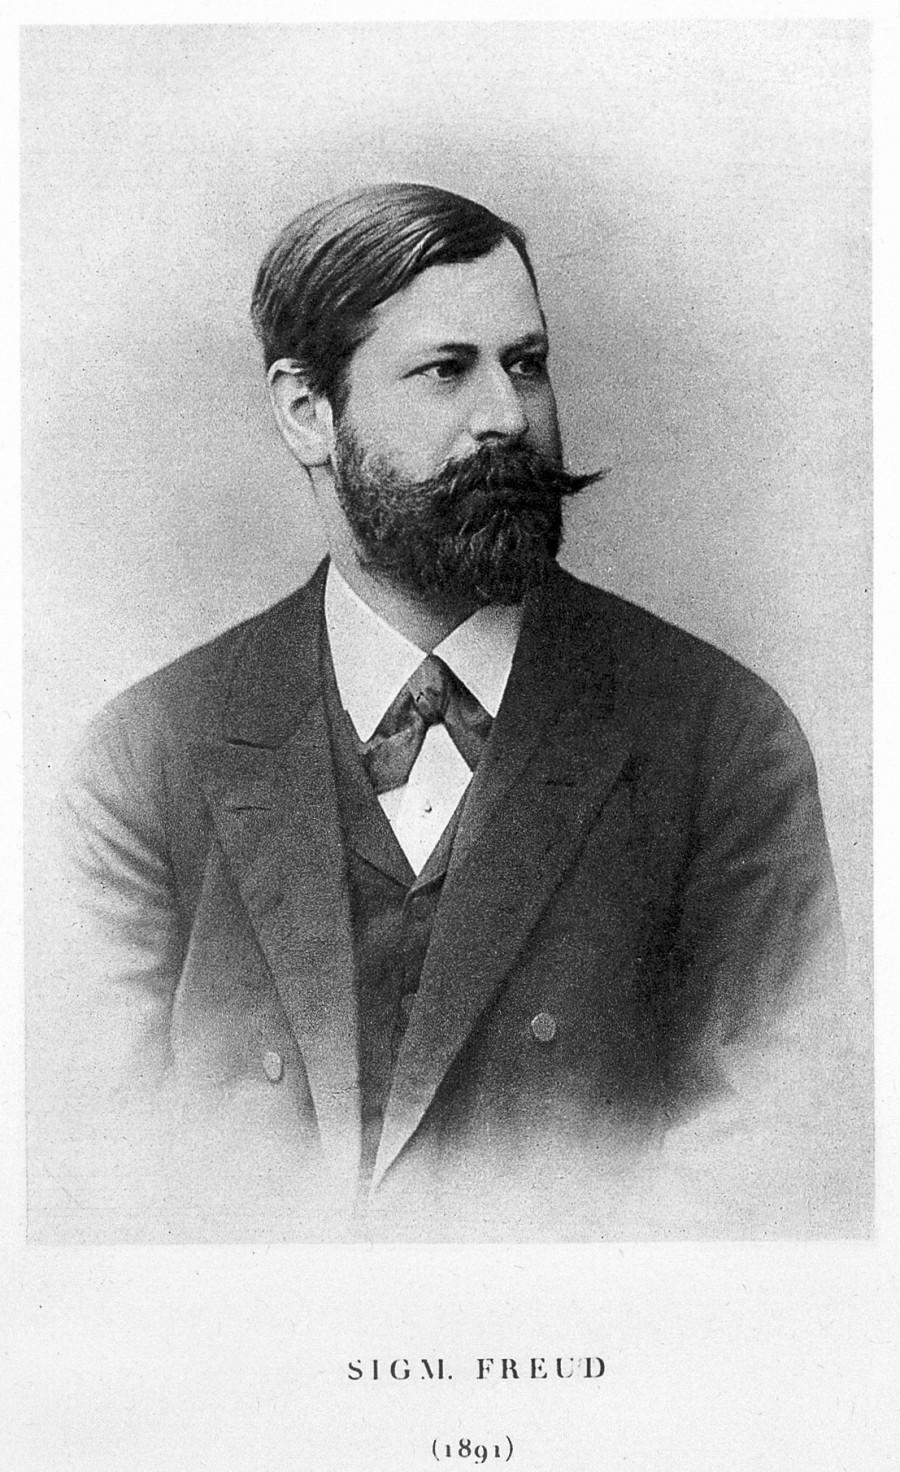 Sigmund Freud 在1891拍攝的照片,當時35歲